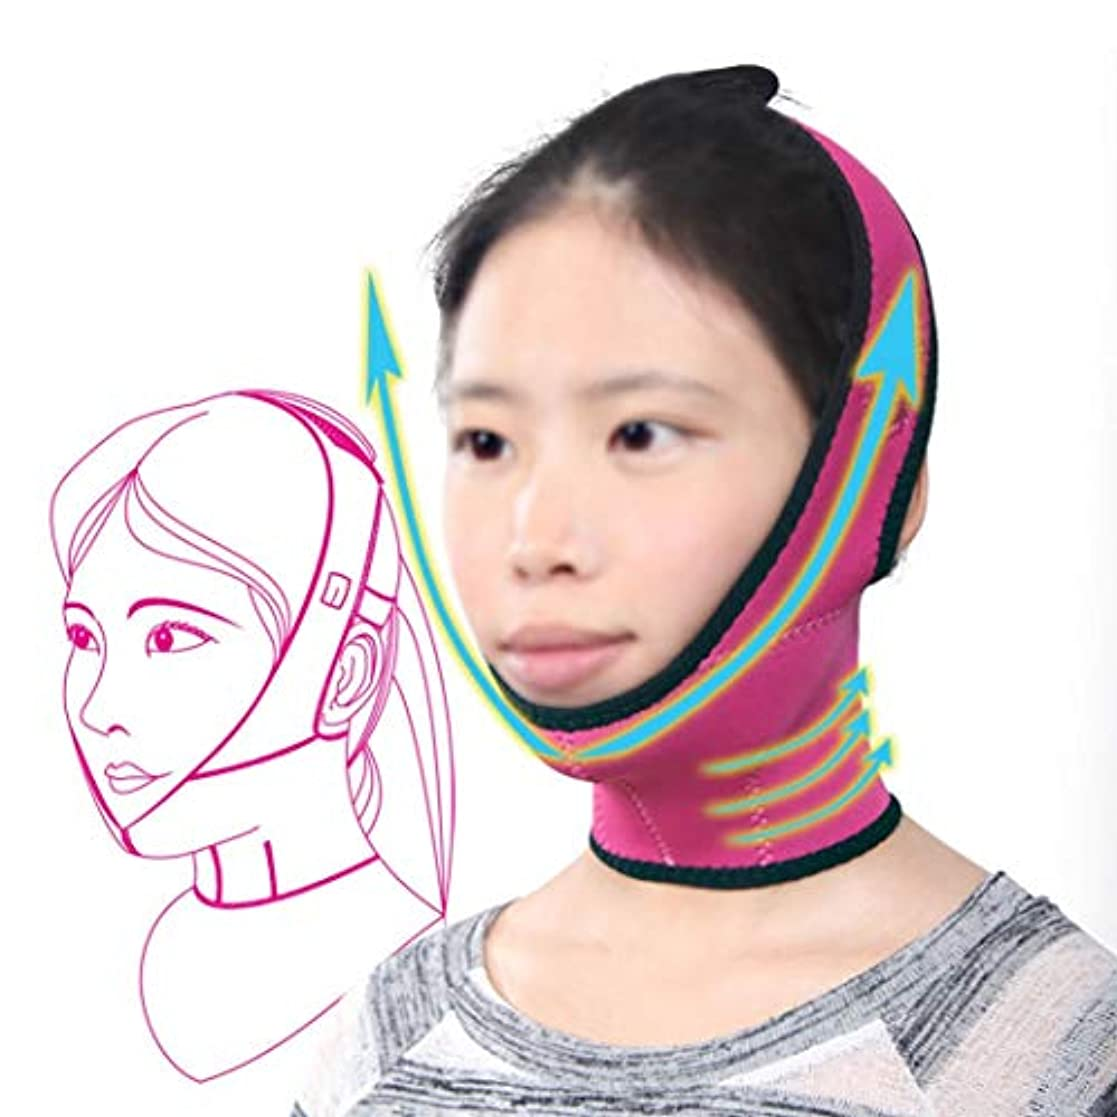 誘う難しい誰もフェイスリフトマスク、痩身ベルトフェイスマスク強力なリフティング小さなV顔薄い顔包帯美容フェイスリフティング顔小さな顔薄い顔マスク